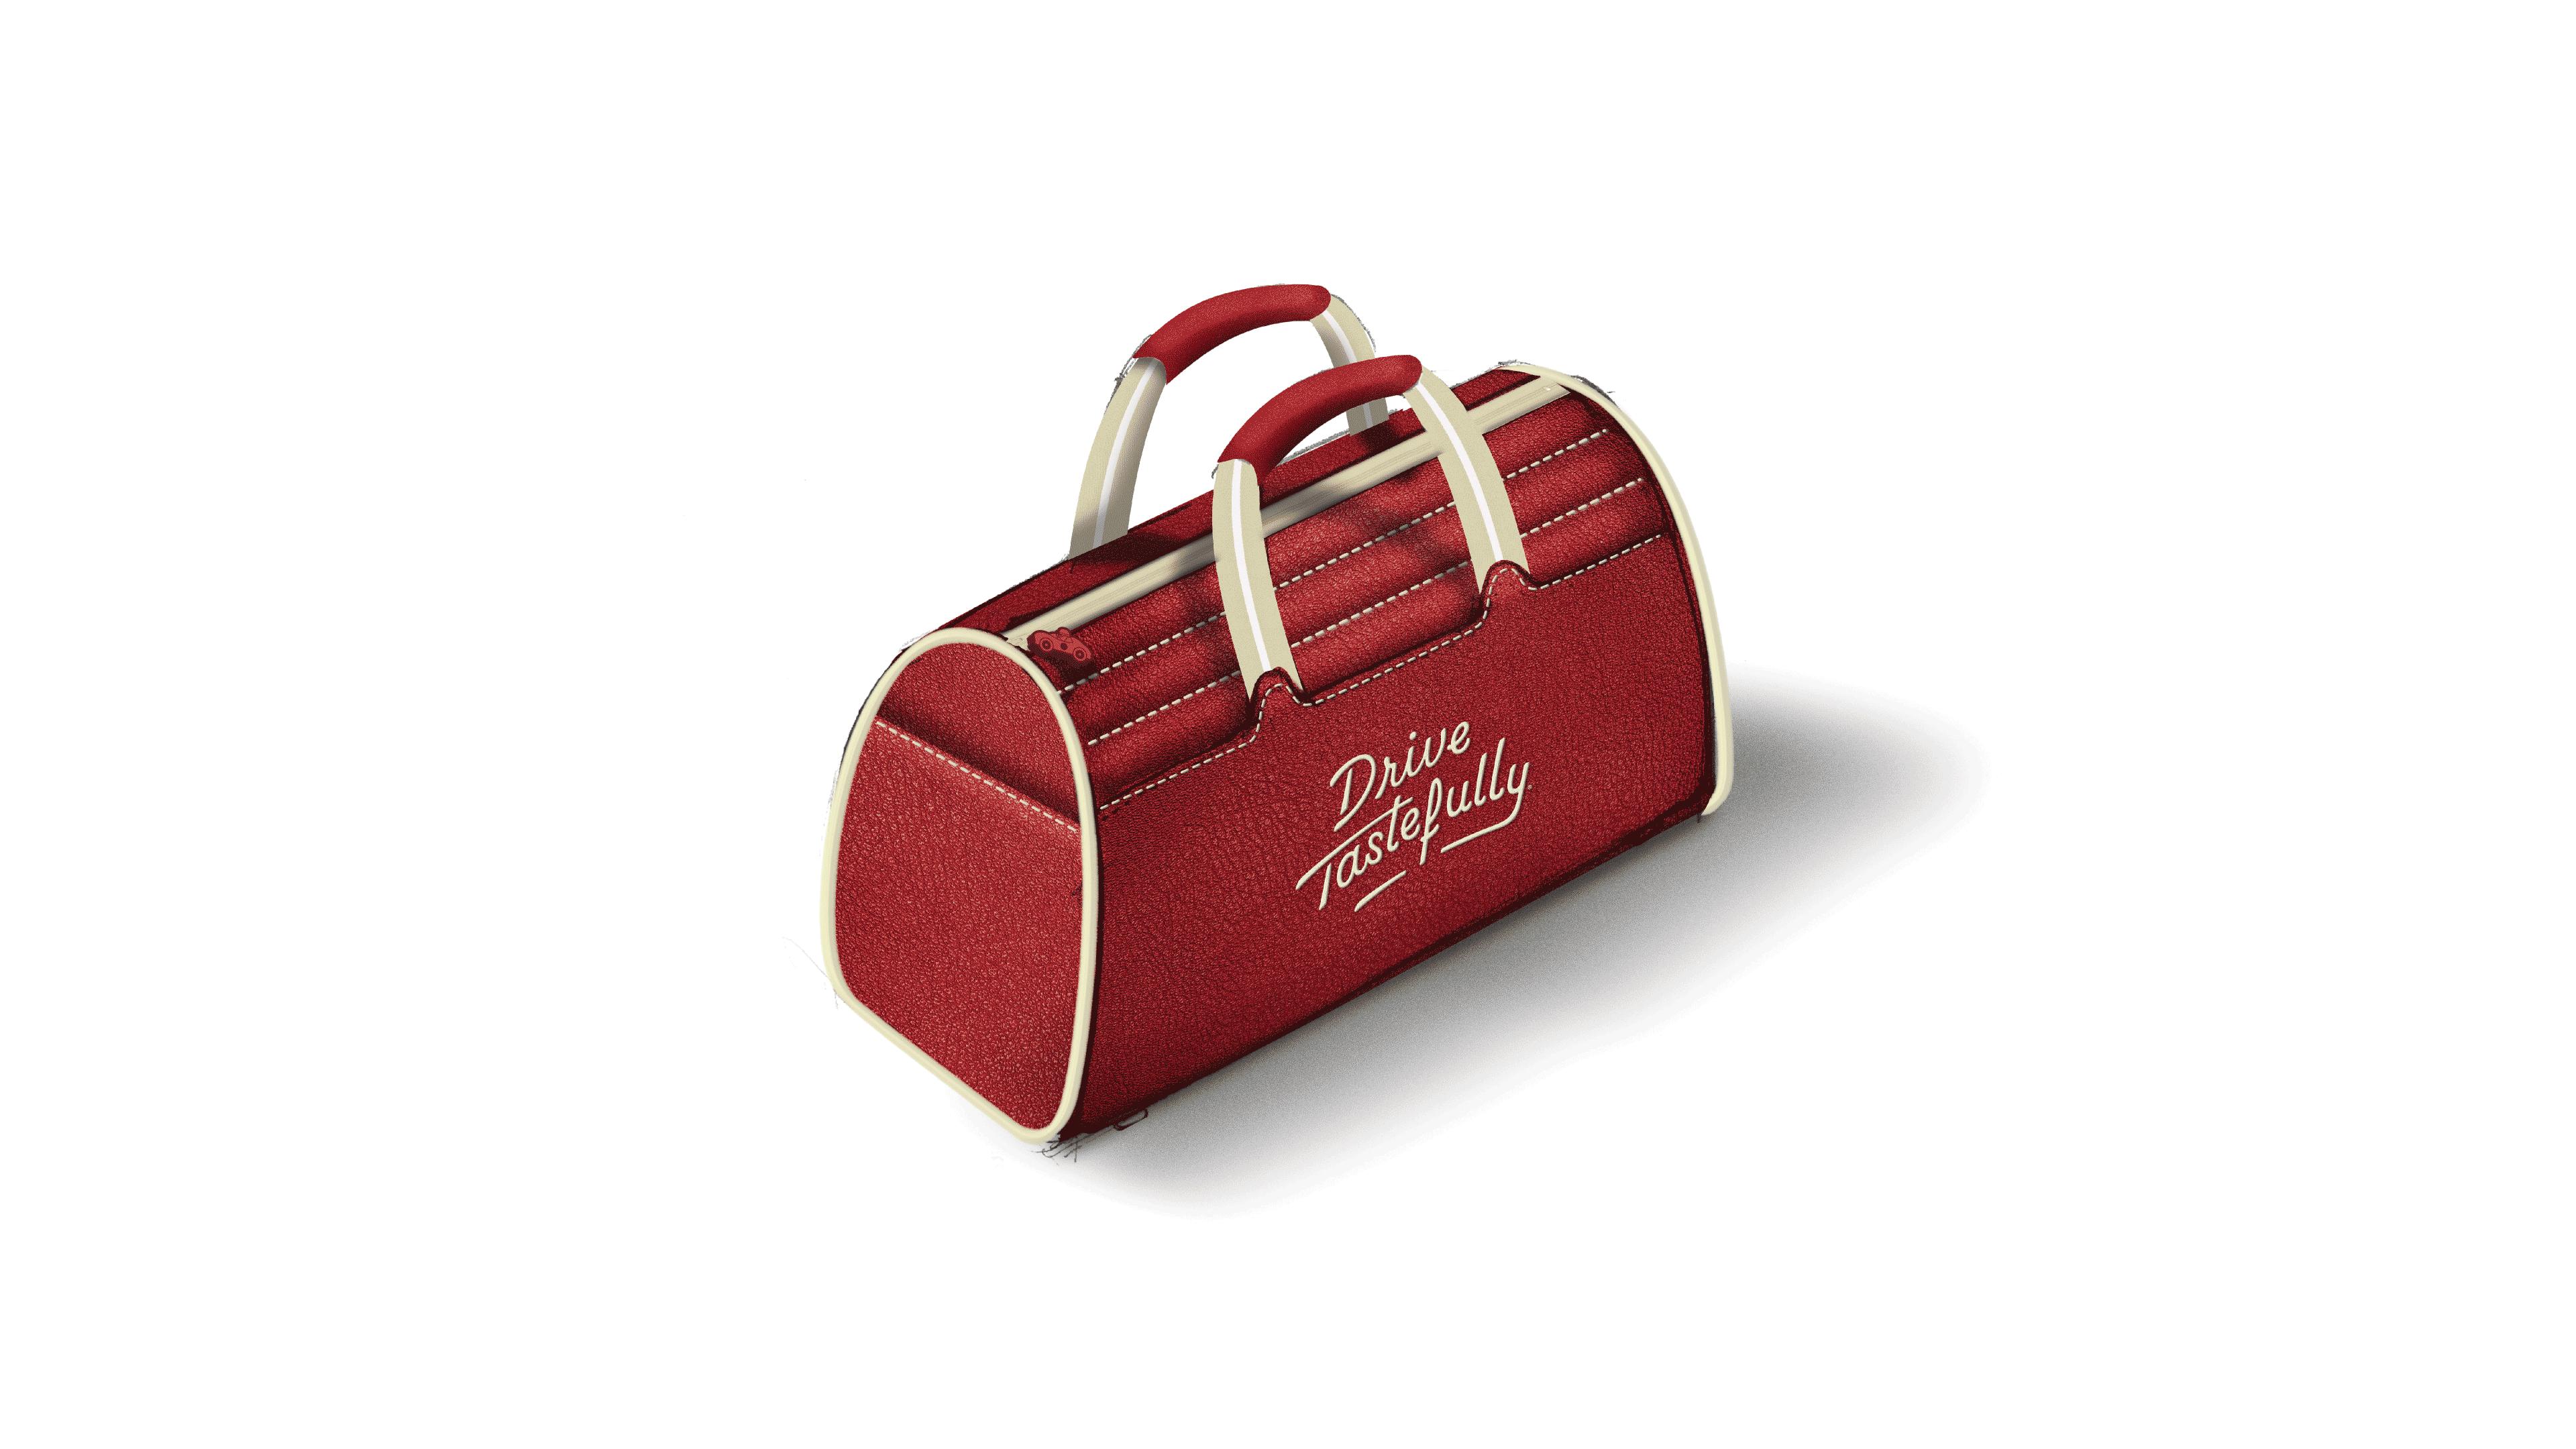 PETROLICIOUS-bag-design-03